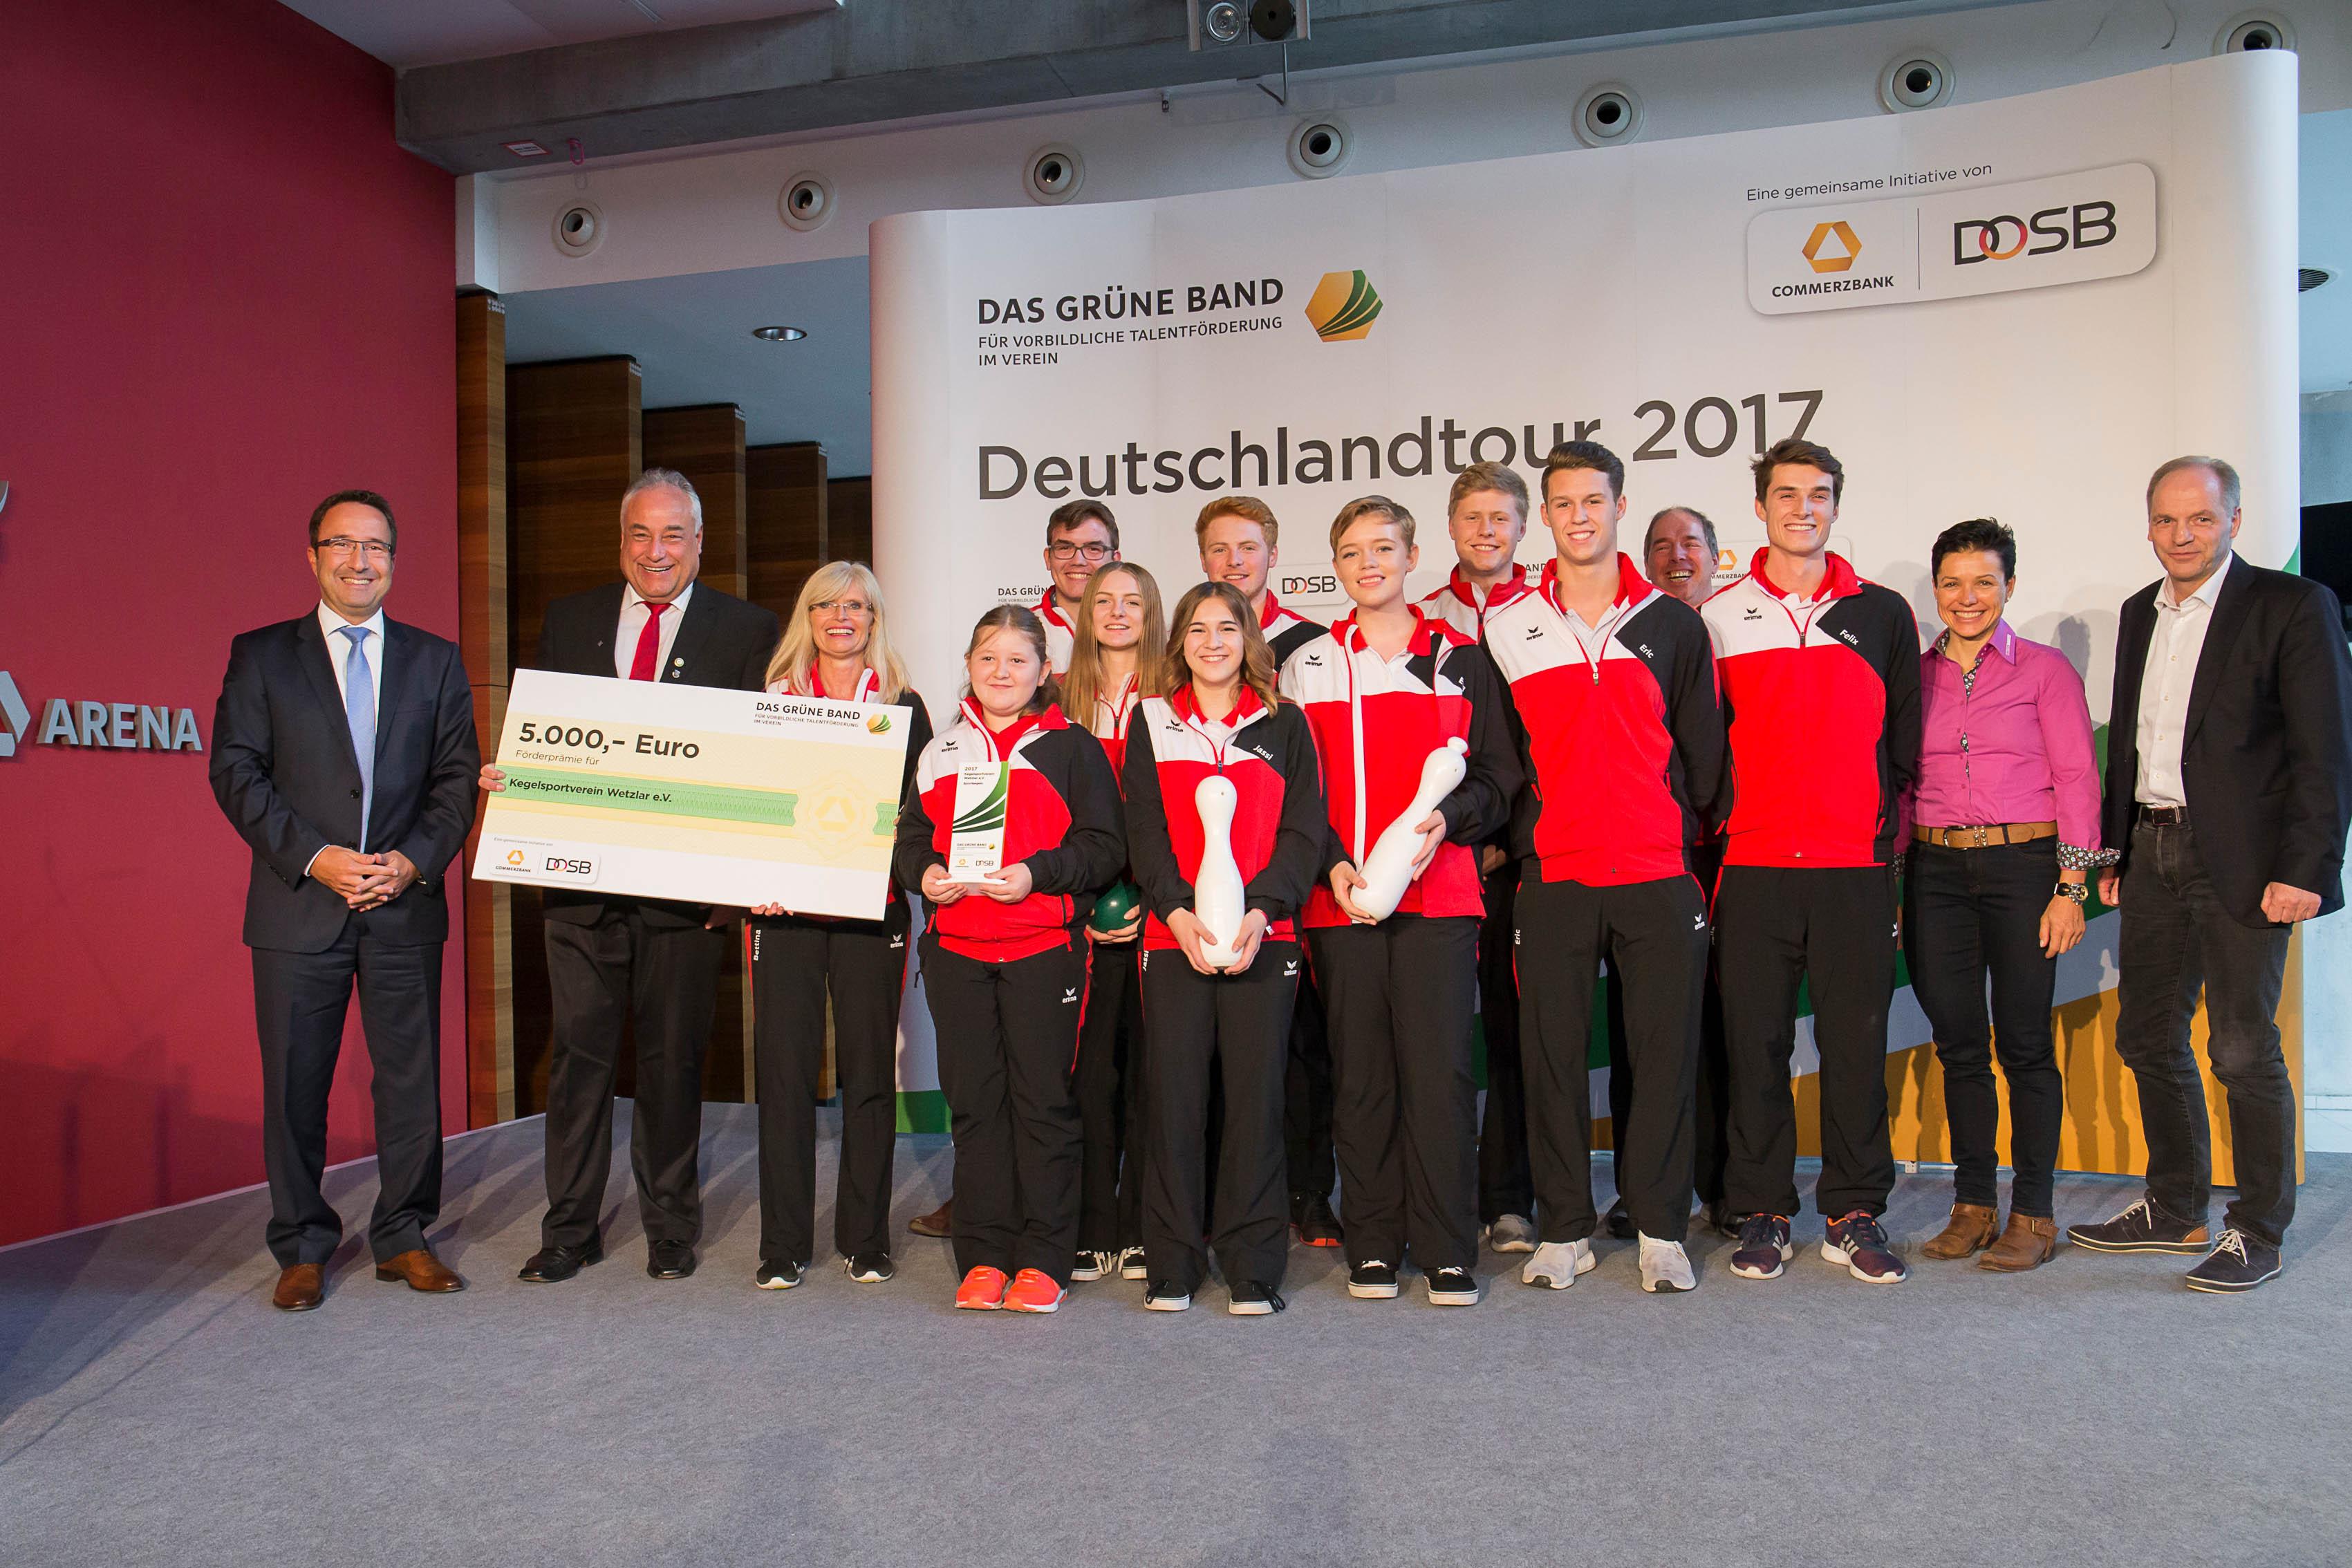 Aufgenommen von Christian Christes für dpa Picture-Alliance GmbH - www.picture-alliance.com